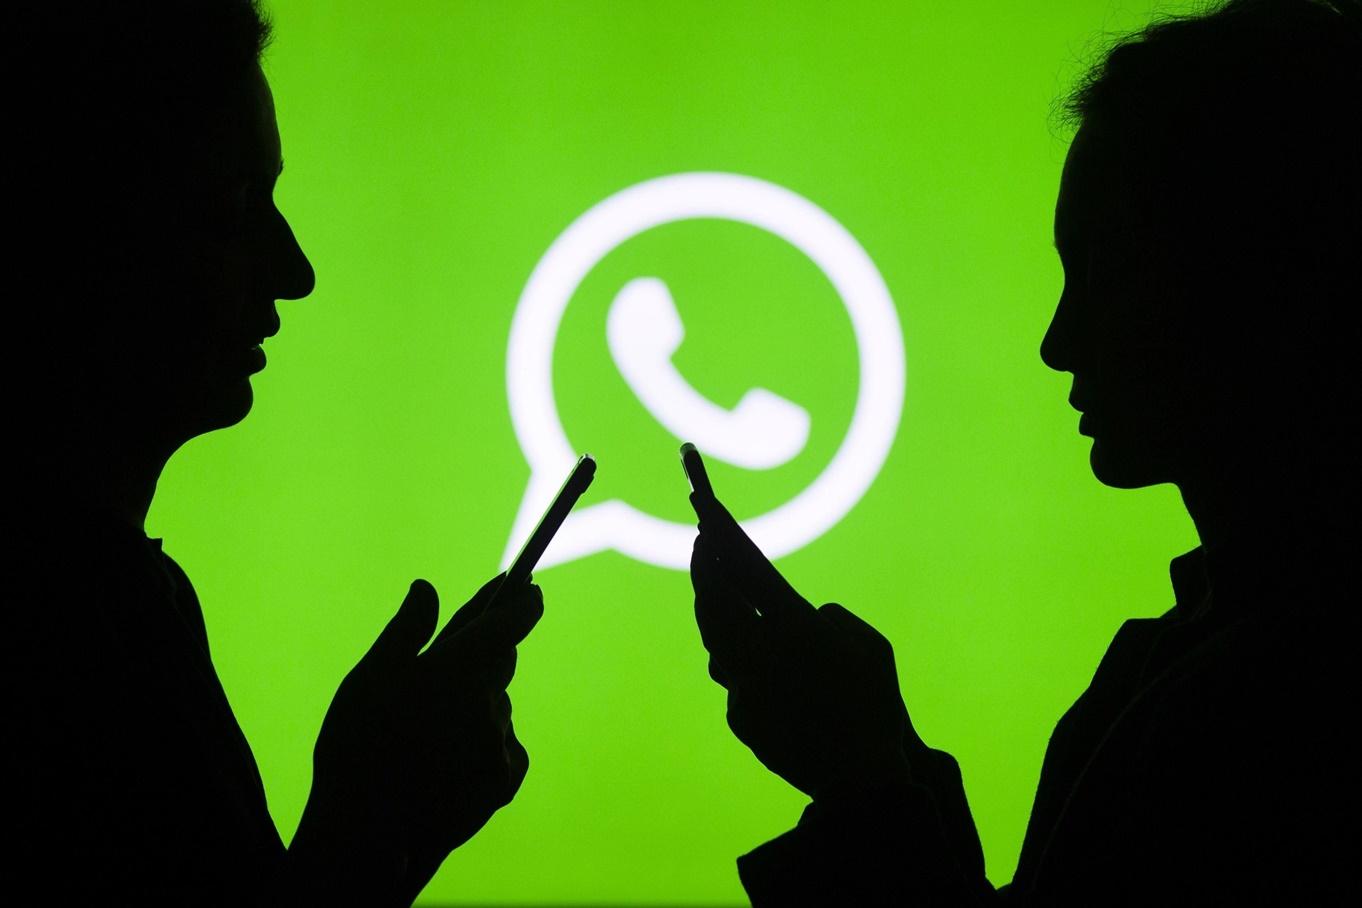 WhatsApp caiu? Mensageiro passa por instabilidade nesta segunda-feira (11)